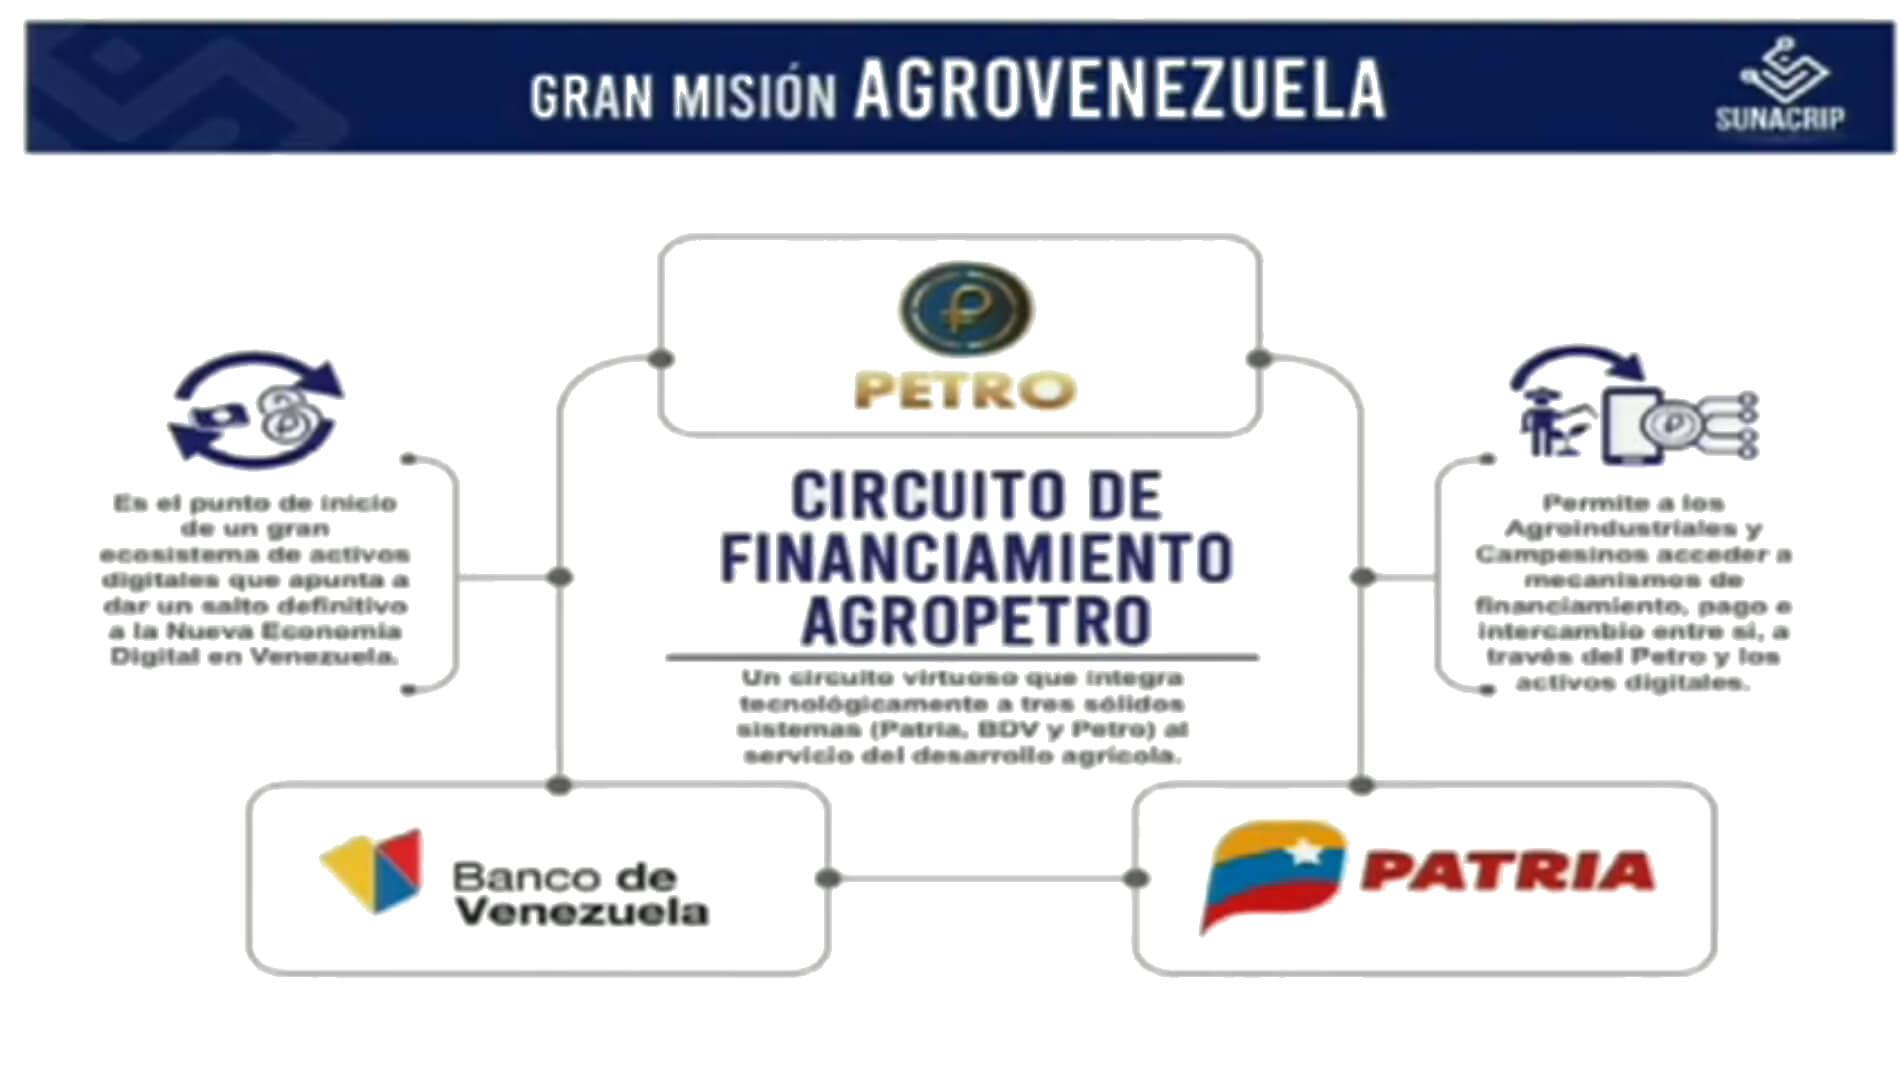 Gran Misi´pn AgroVenezuela Petro